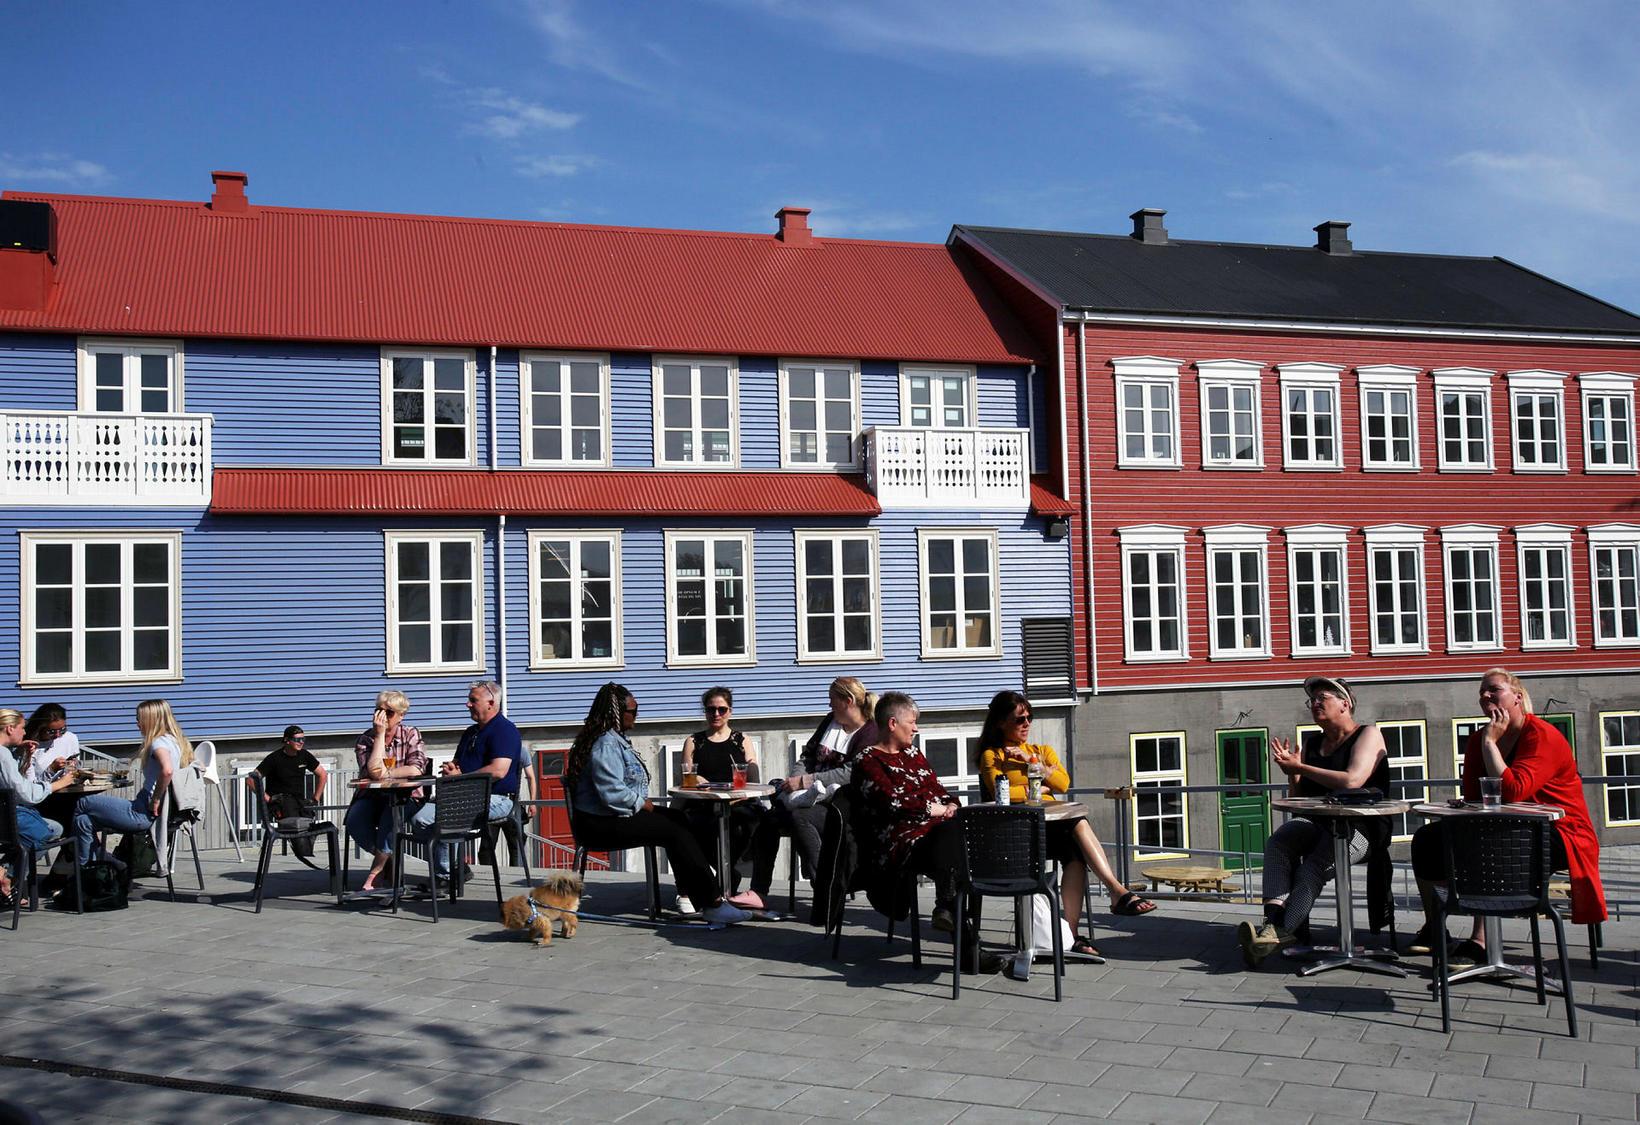 Það er útlensk stemning á torginu í nýja miðbæ Selfoss.